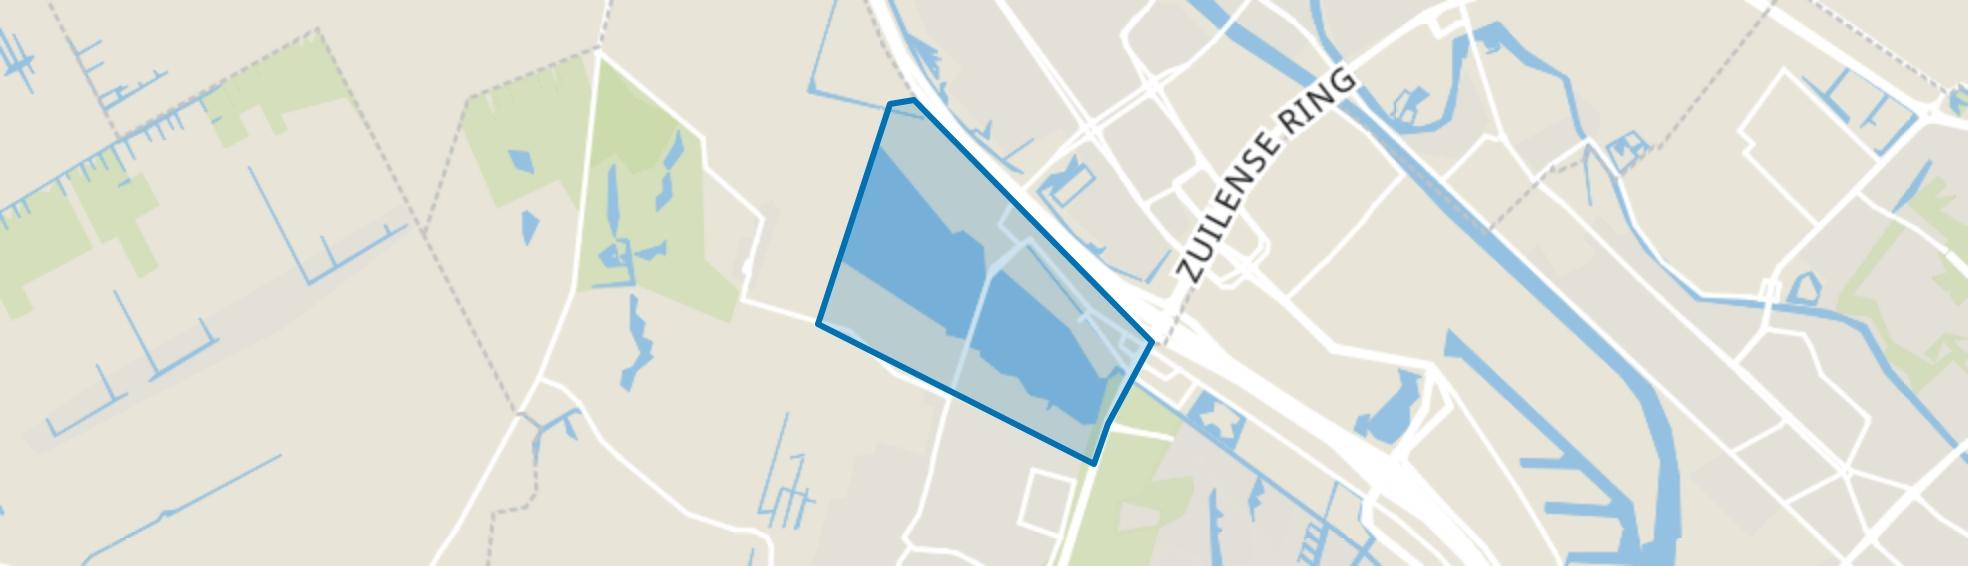 Haarrijn, Utrecht map